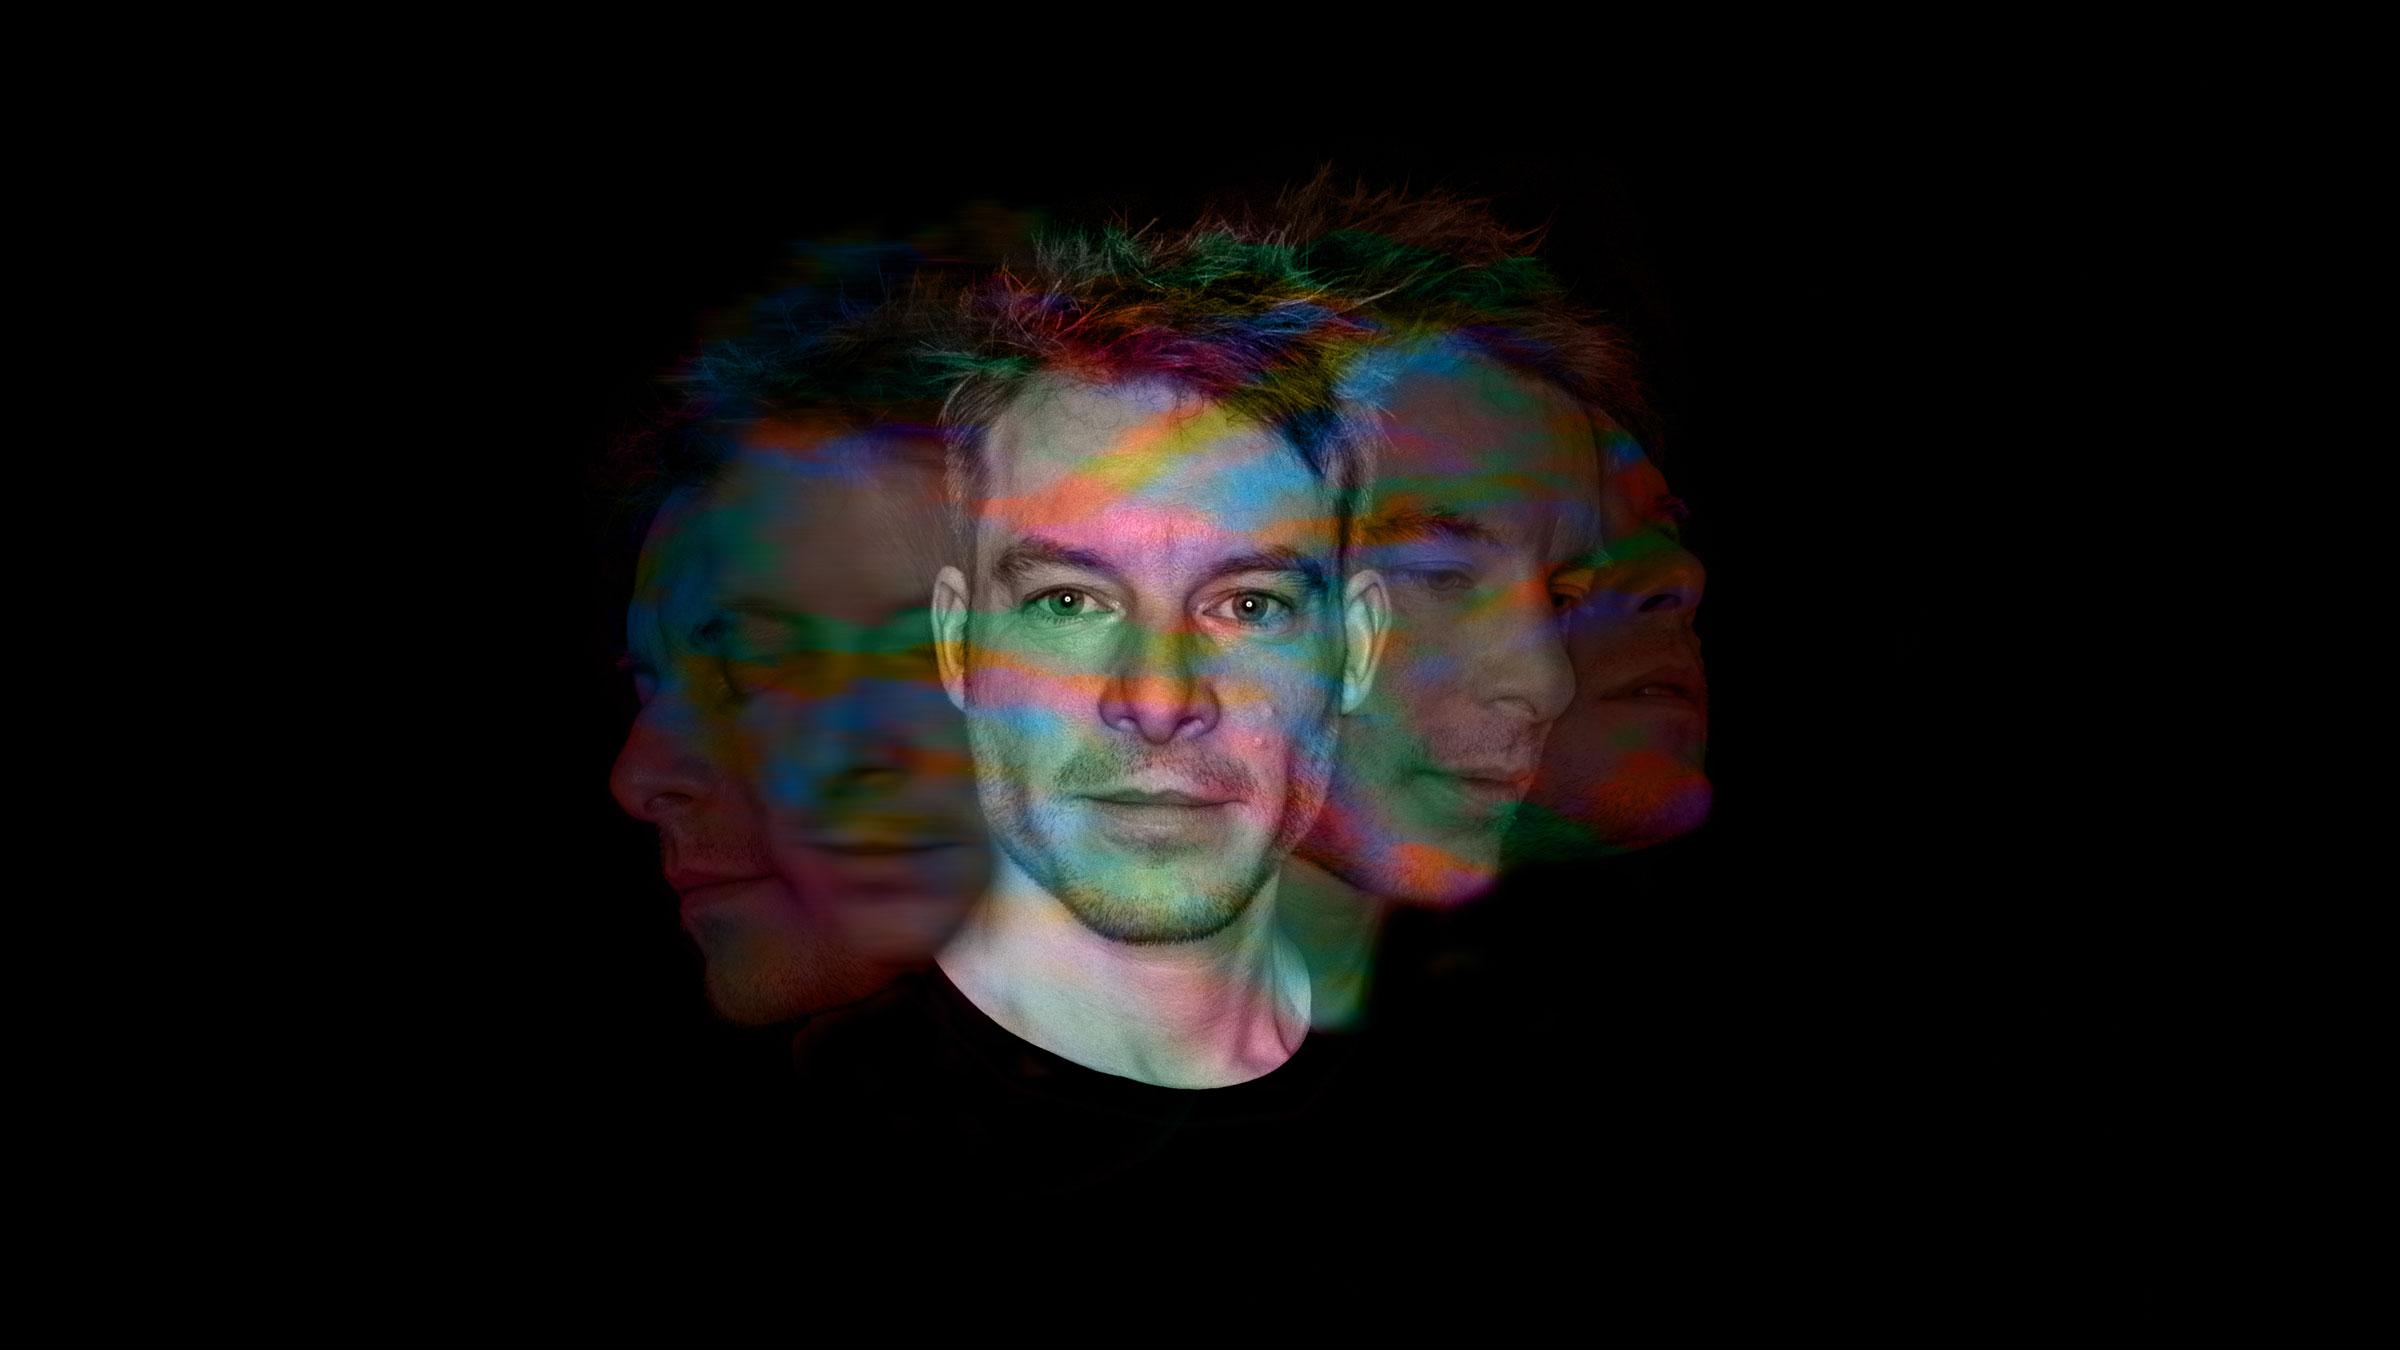 Portrait of Thorsten Gross